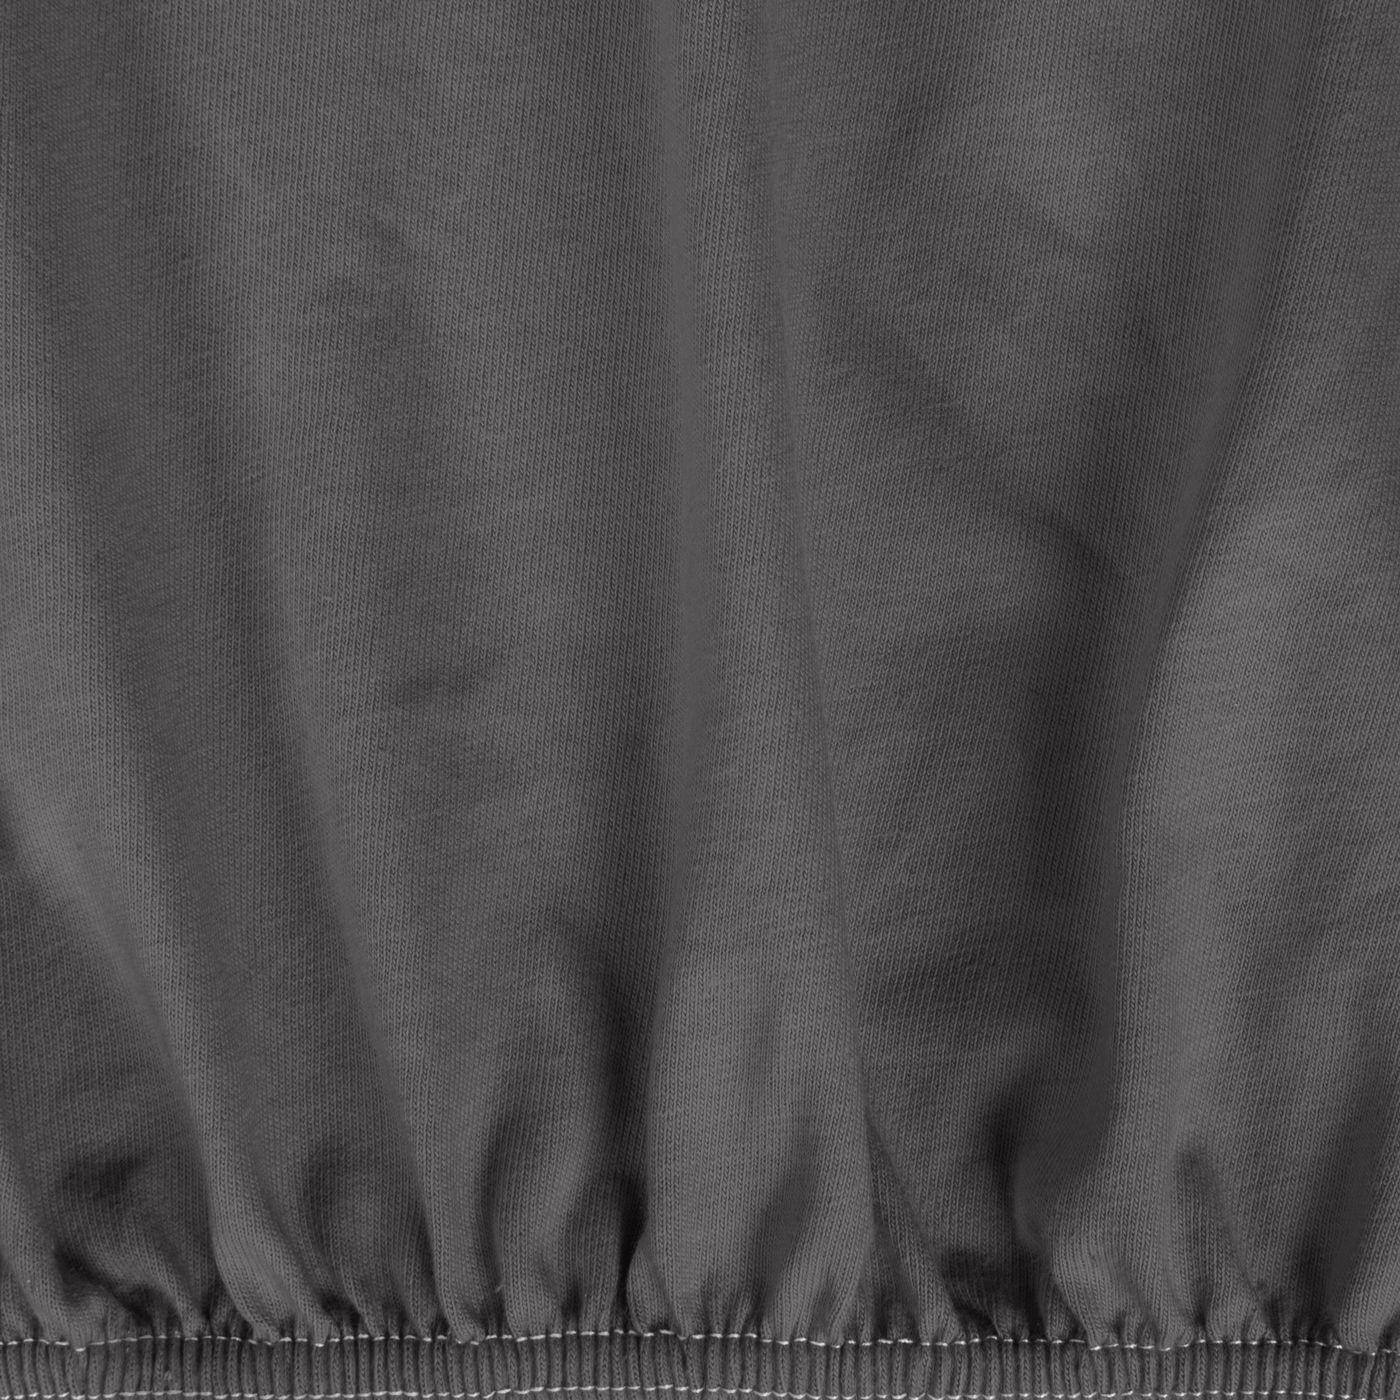 Grafitowe PRZEŚCIERADŁO BAWEŁNIANE  z jerseyu z gumką 180x200 cm